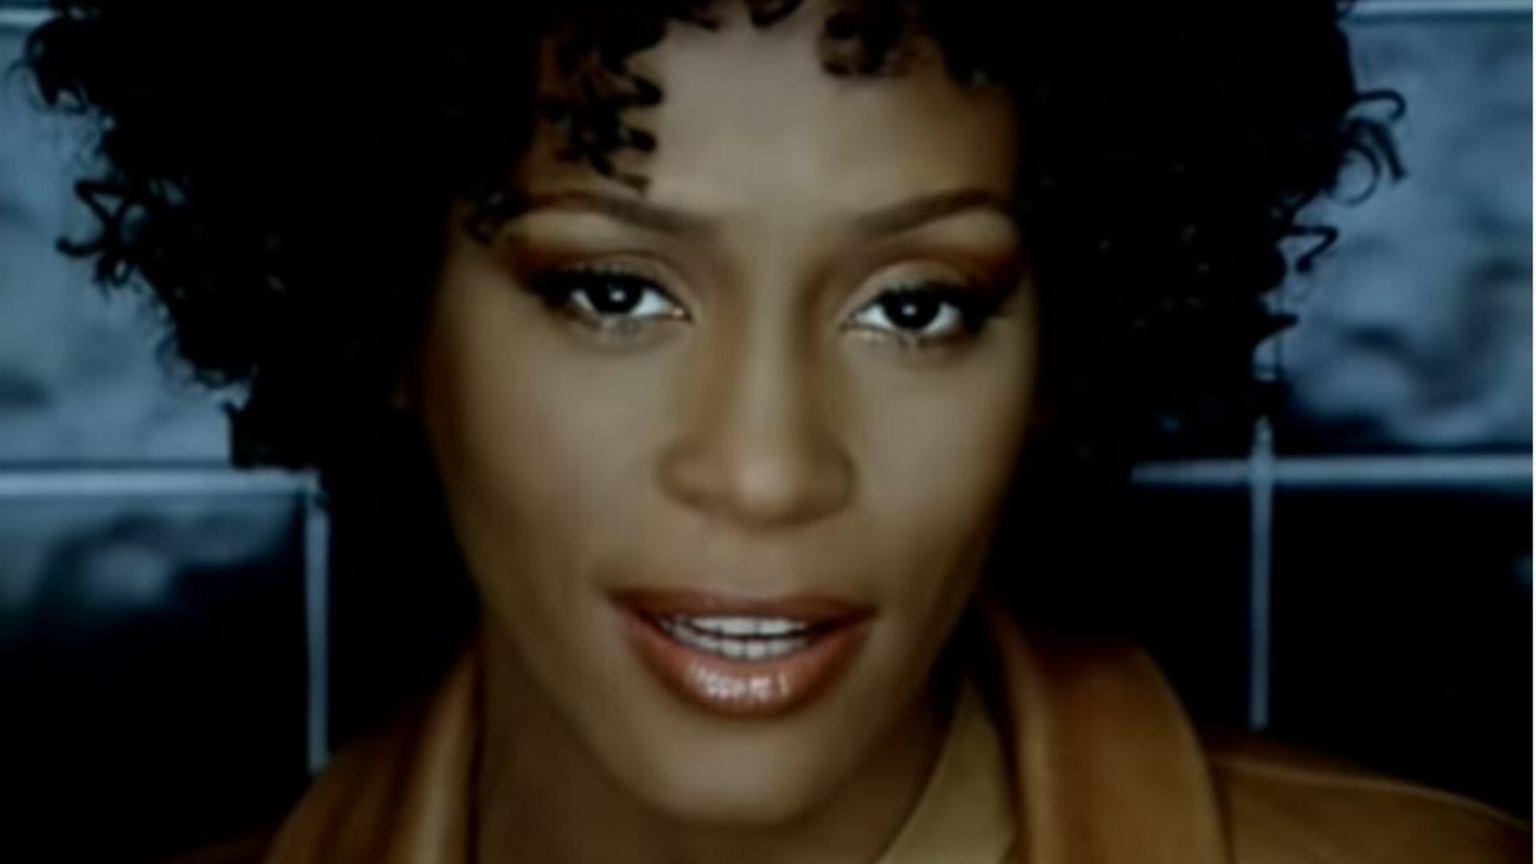 Whitney Houston była wrakiem człowieka. Wyciekł raport z sekcji zwłok gwiazdy. Narkotyki ją zniszczyły